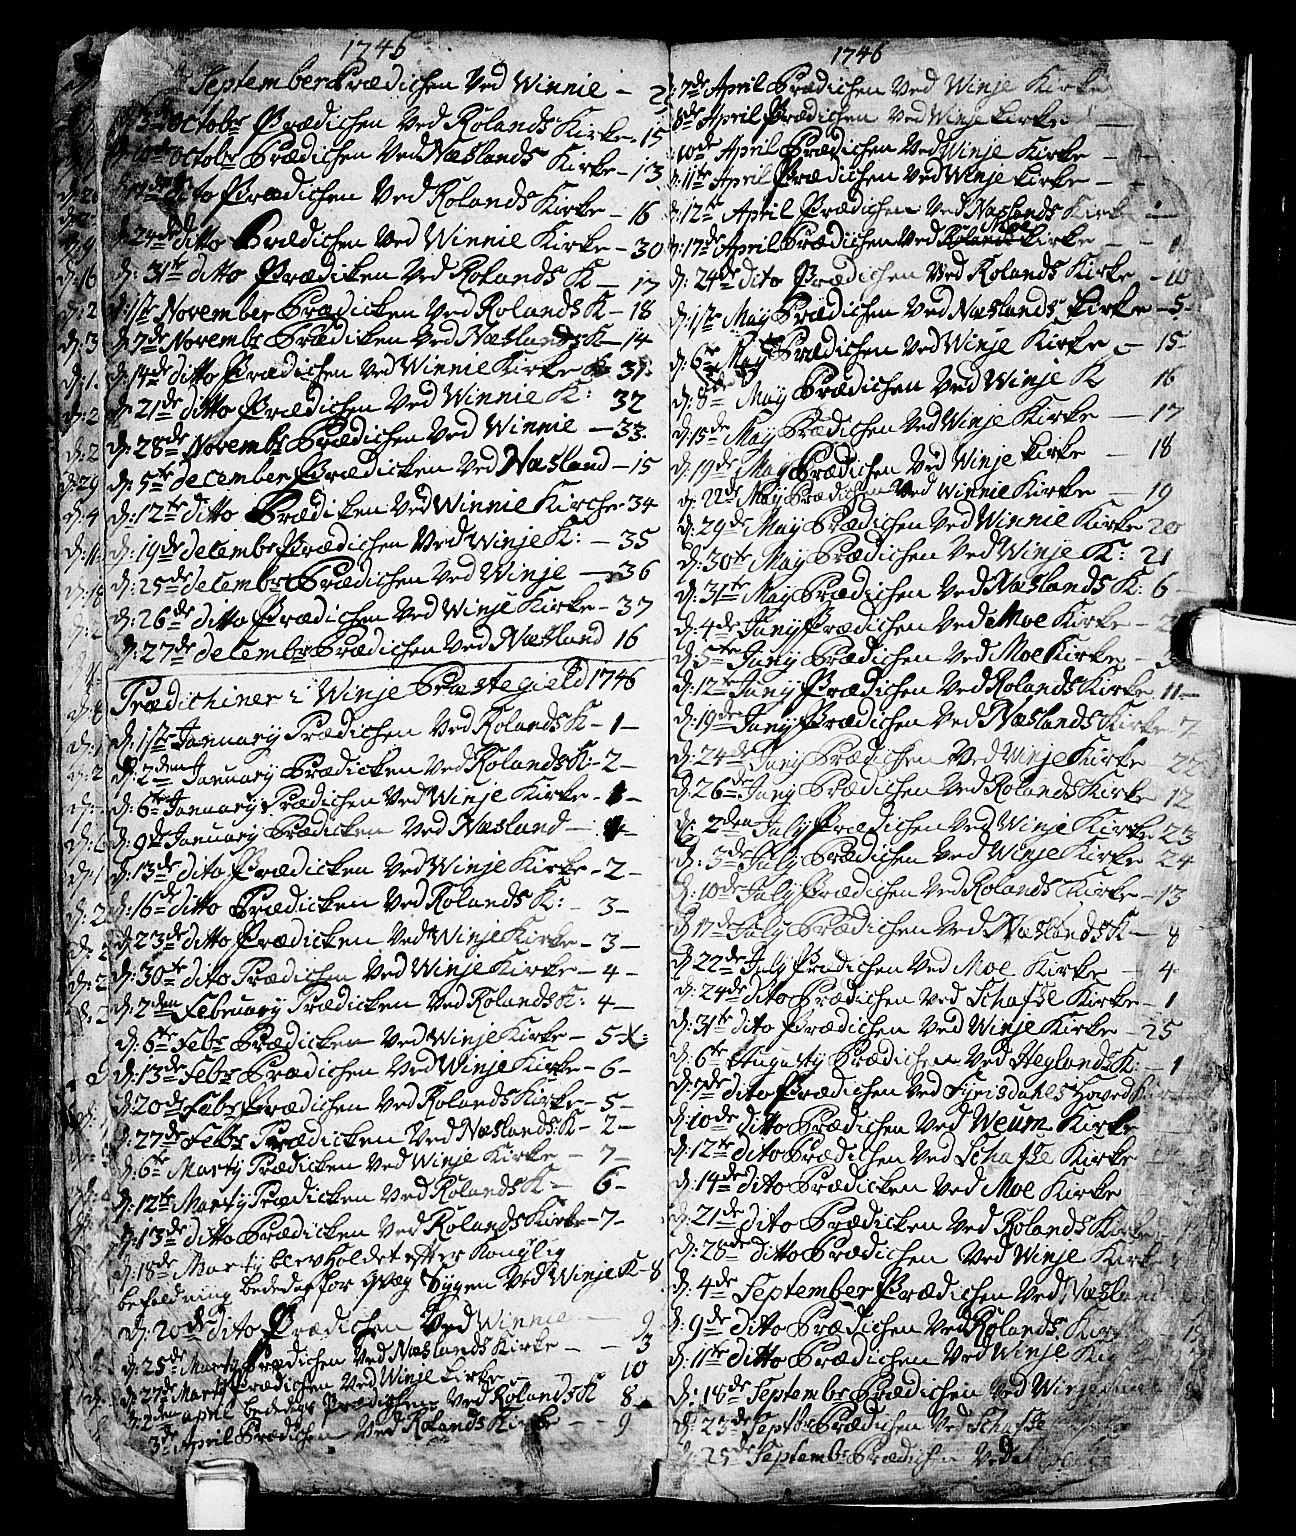 SAKO, Vinje kirkebøker, F/Fa/L0001: Ministerialbok nr. I 1, 1717-1766, s. 260